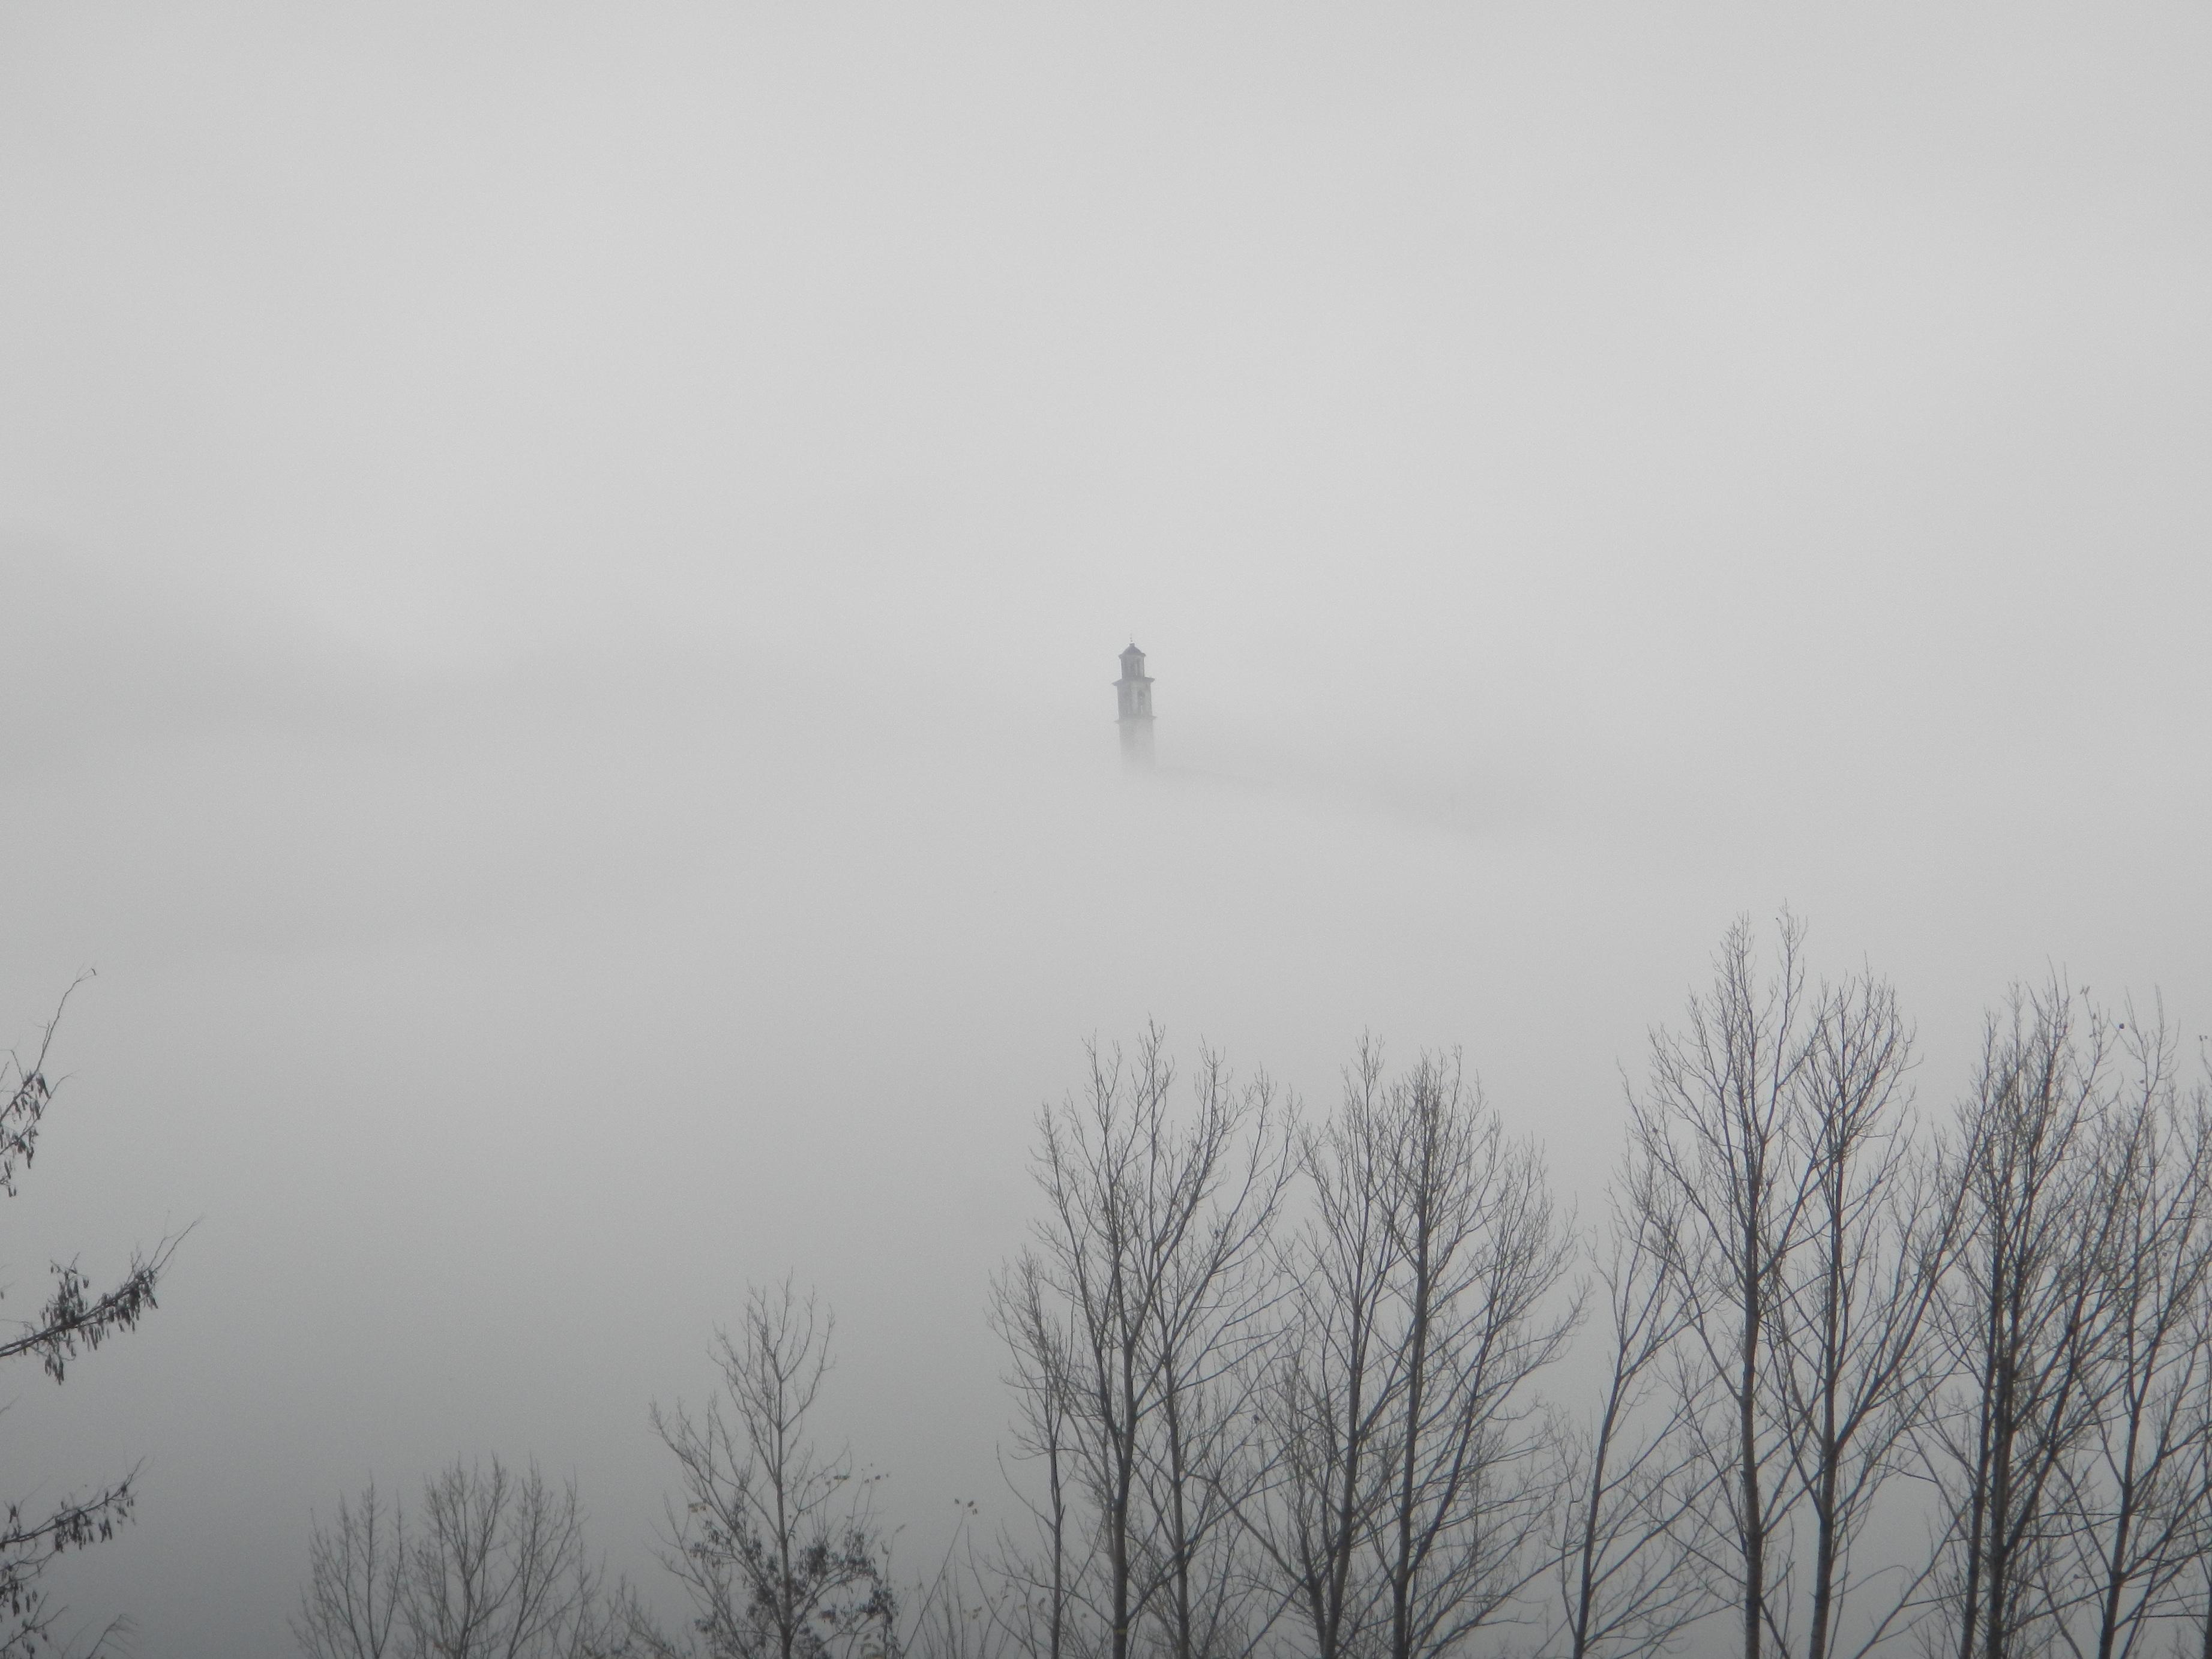 Un campanile svetta nella nebbia